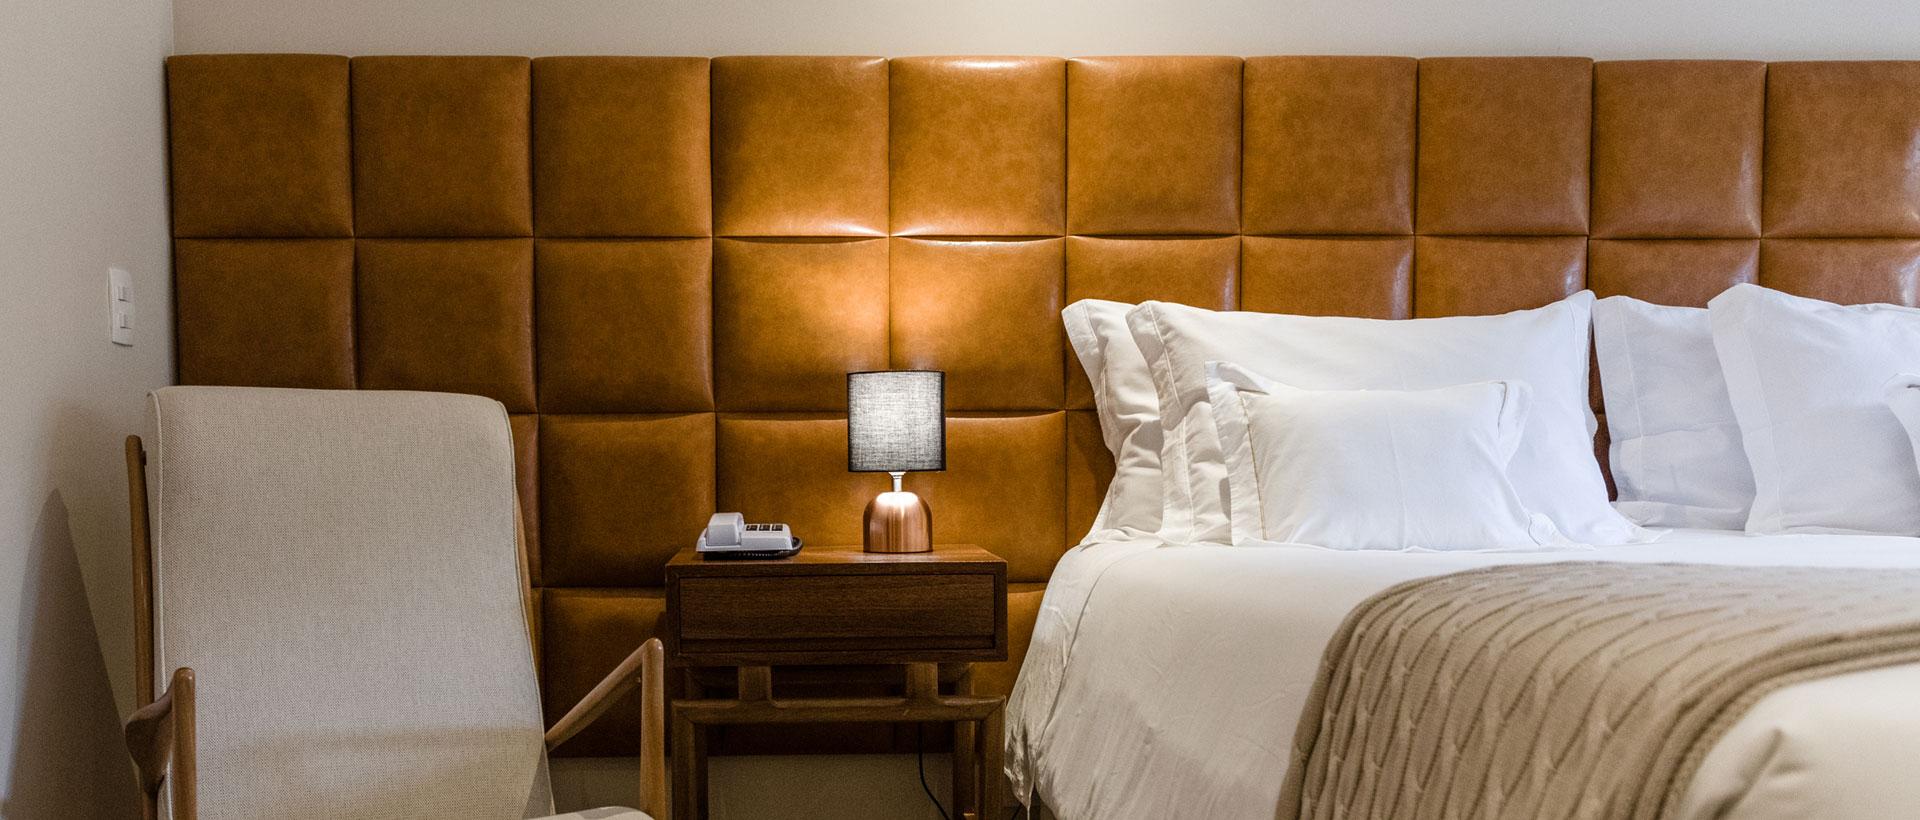 hotel-boutique-quebra-noz-conforto-e-natureza-12-12